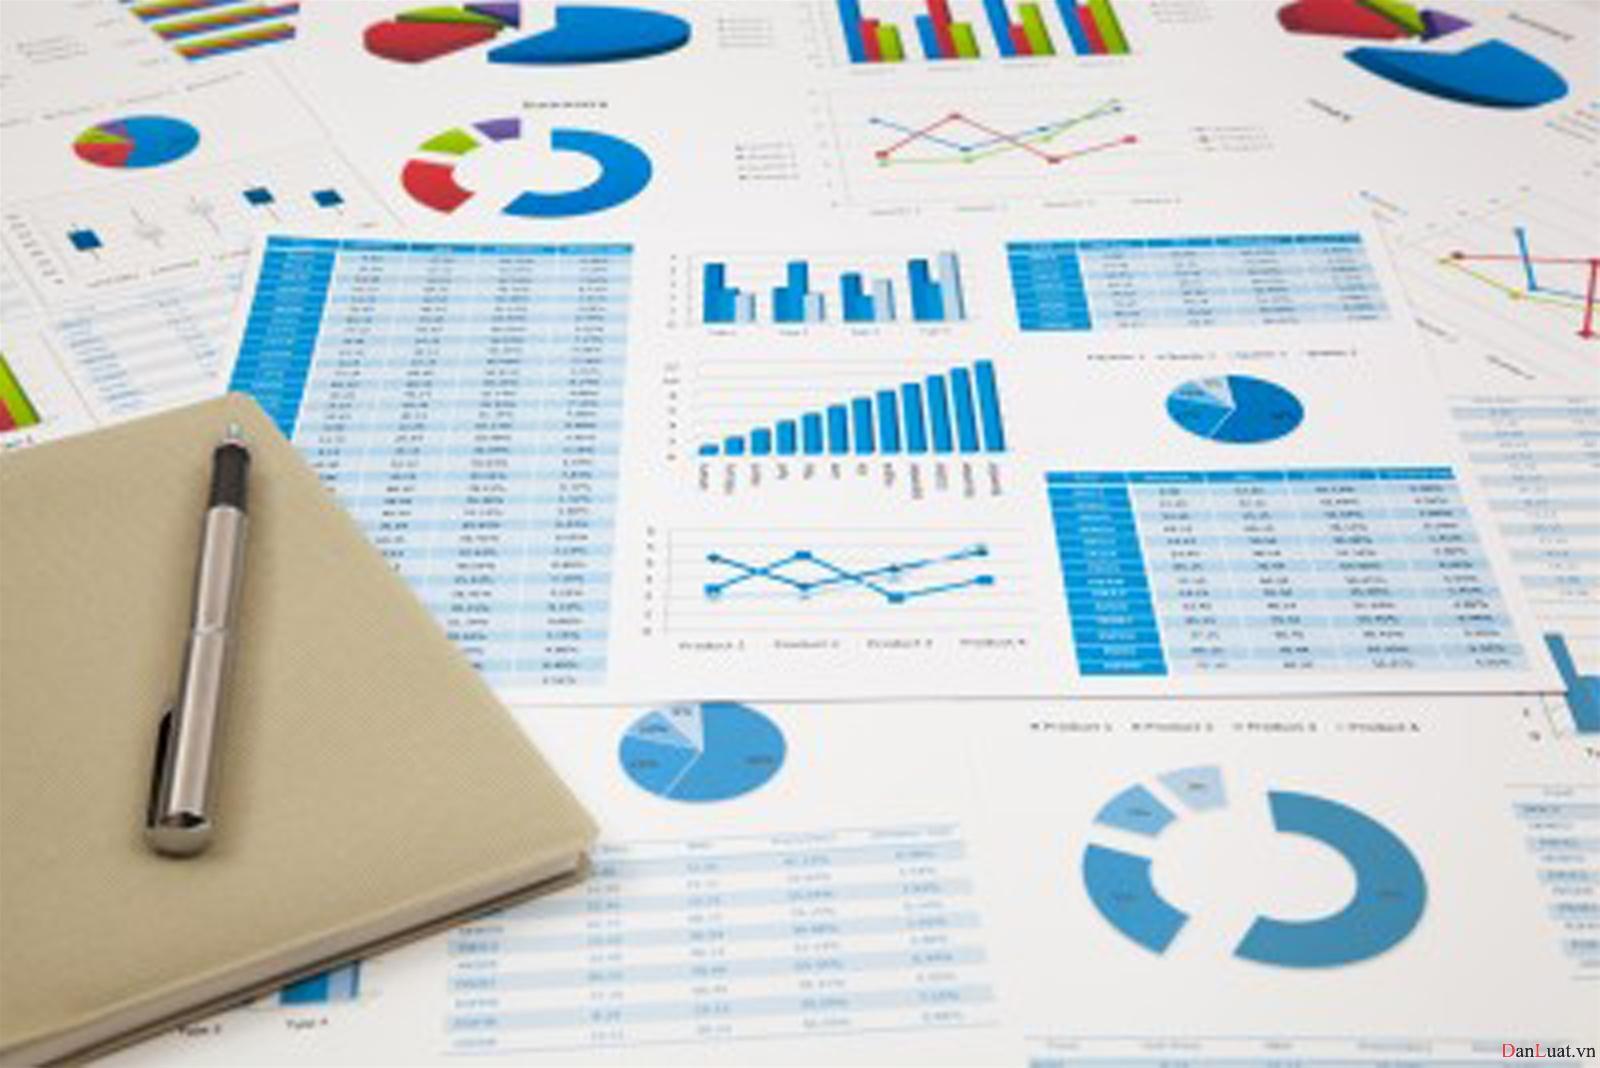 Xây dựng nhiệm vụ kế hoạch và dự toán ngân sách nhà nước thực hiện Quyết định số 1163/QĐ-TTg